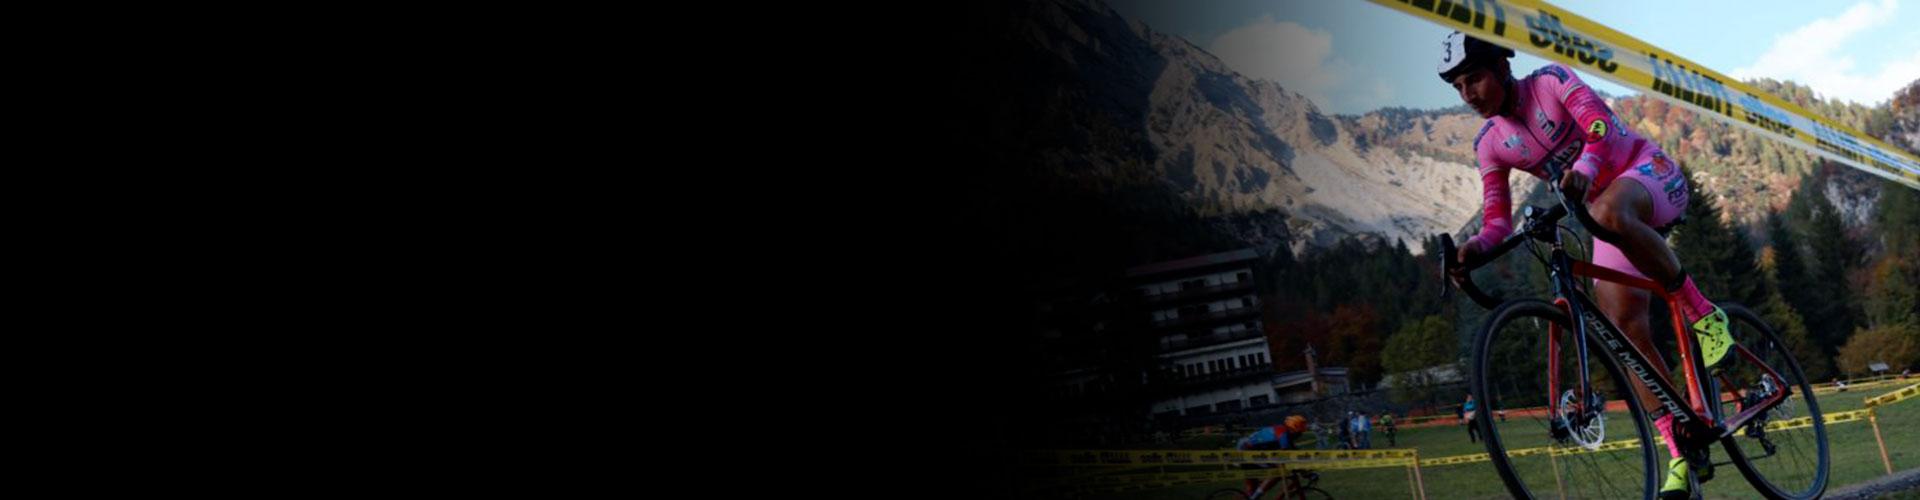 GIRO D'ITALIA CICLOCROSS06 ottobre1° TAPPA – Ferentino